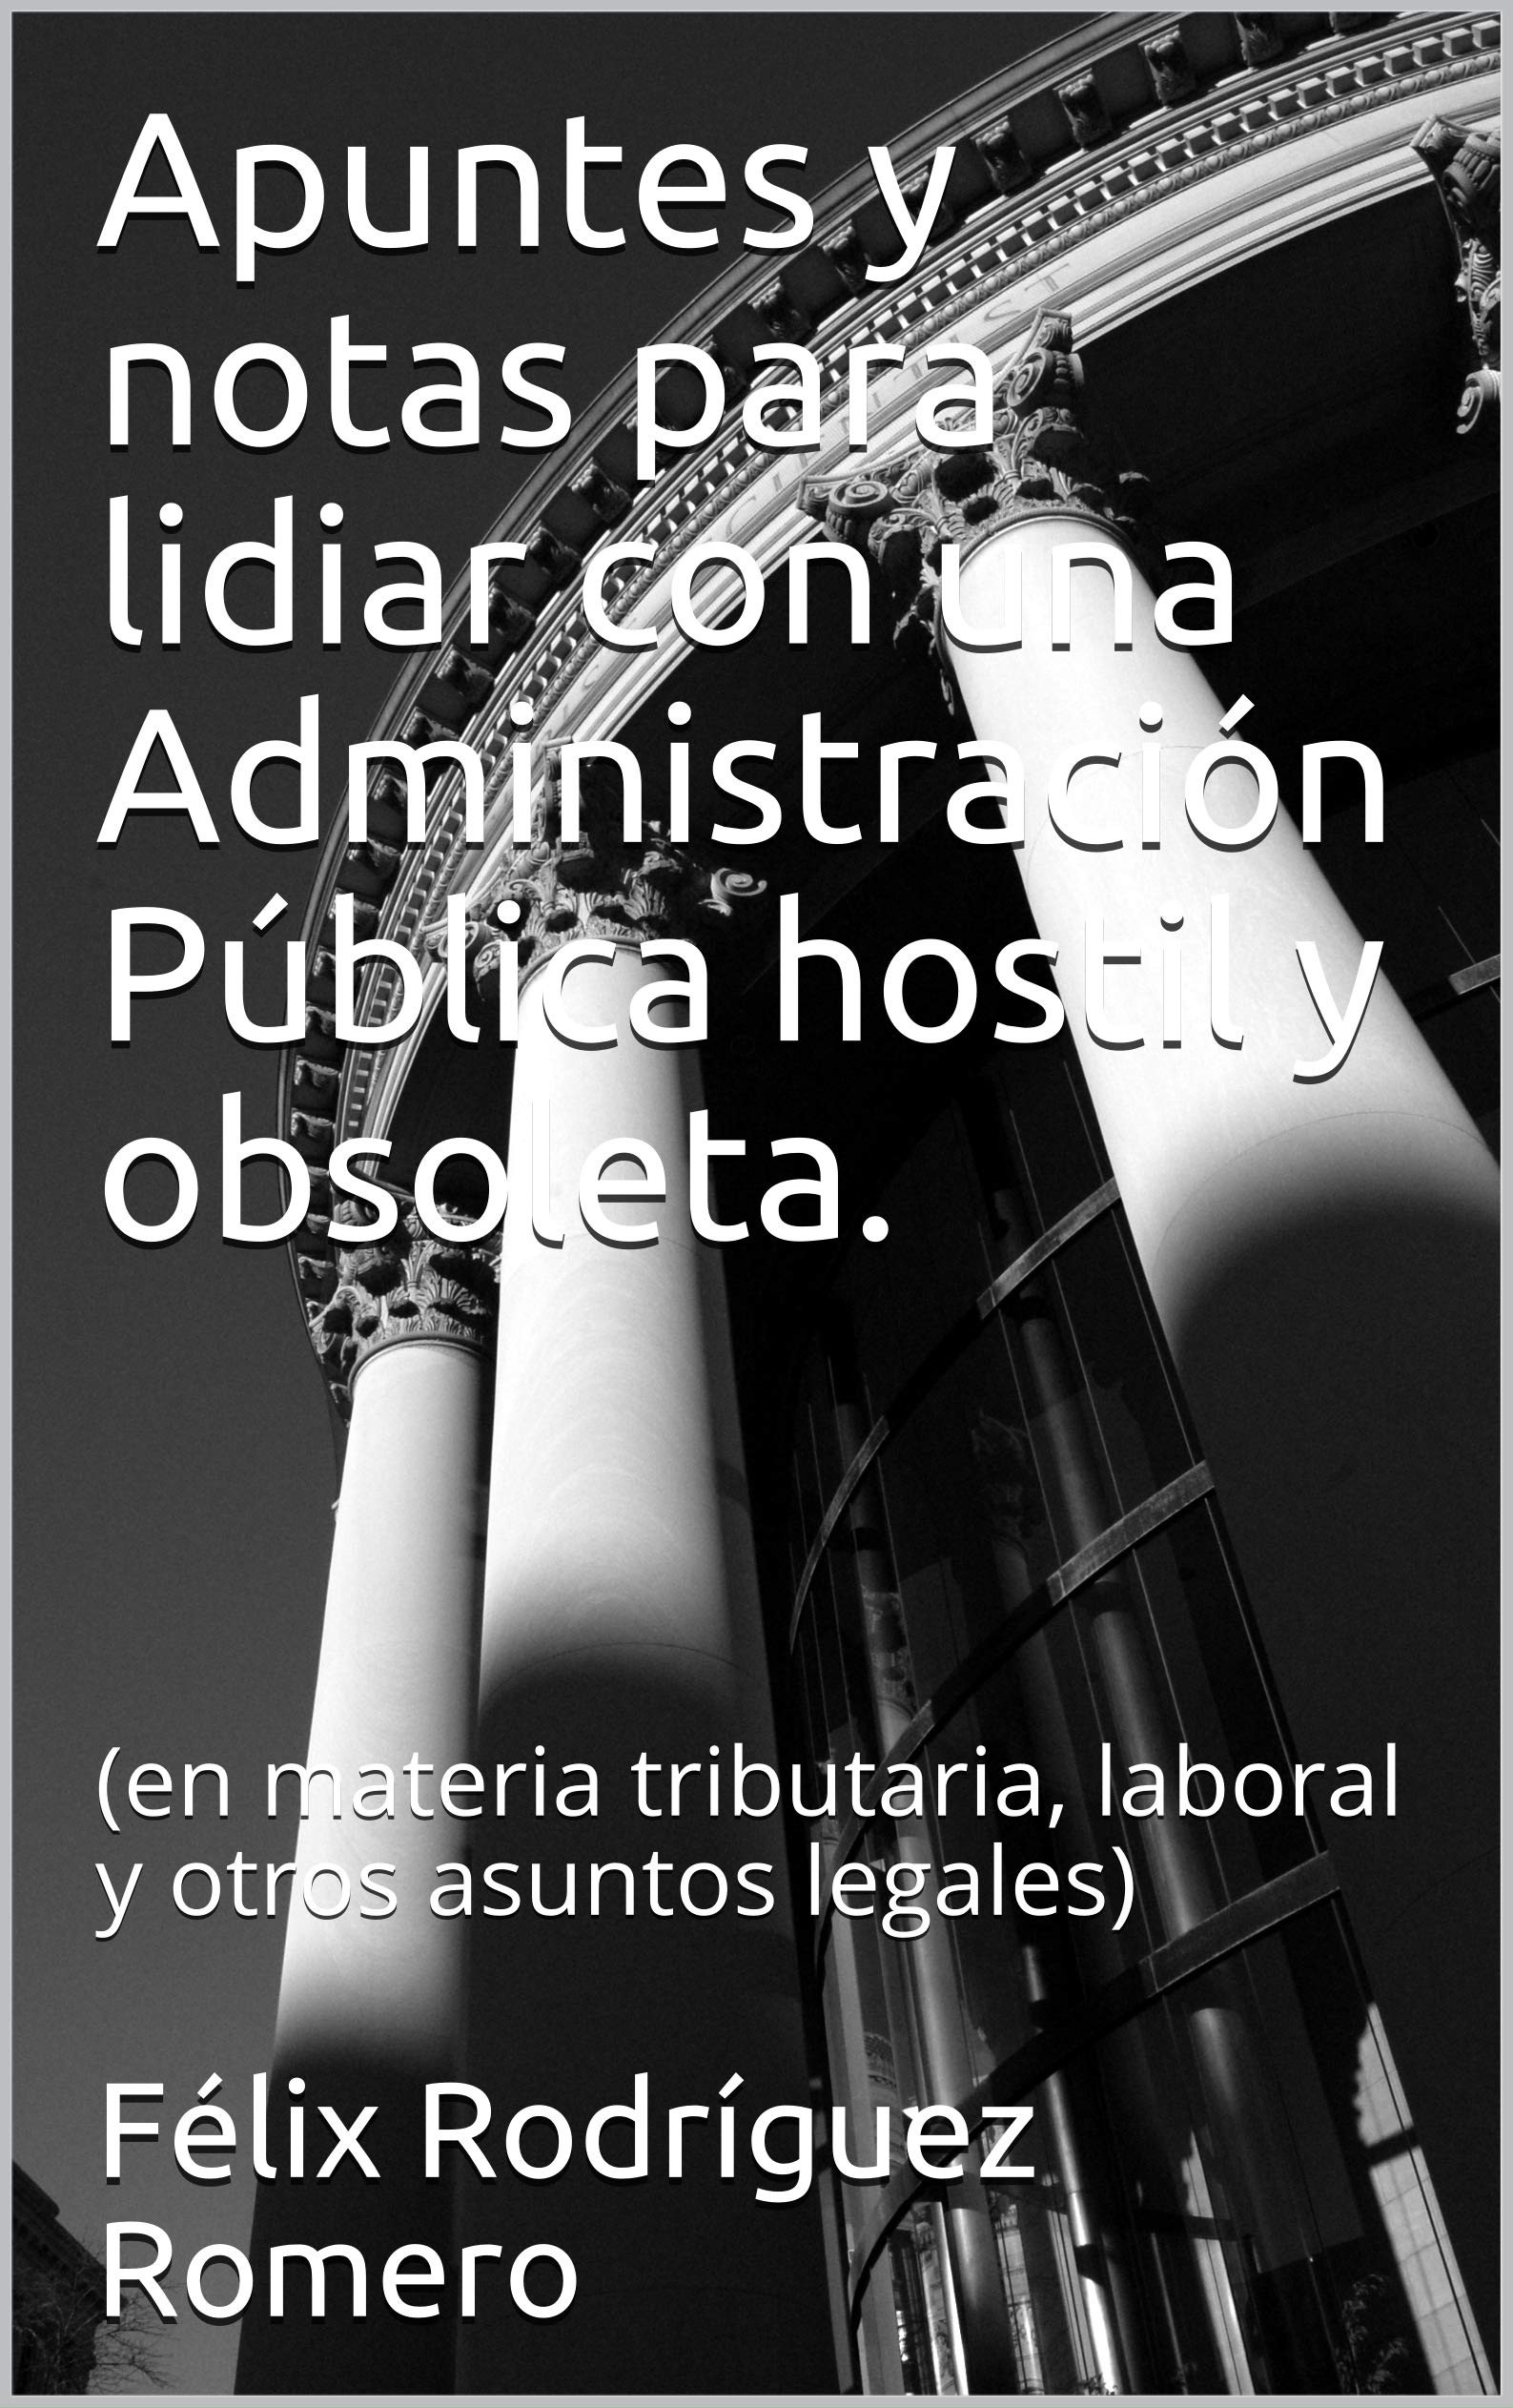 Apuntes y notas para lidiar con una Administración Pública hostil y obsoleta.: (en materia tributaria, laboral y otros asuntos legales)